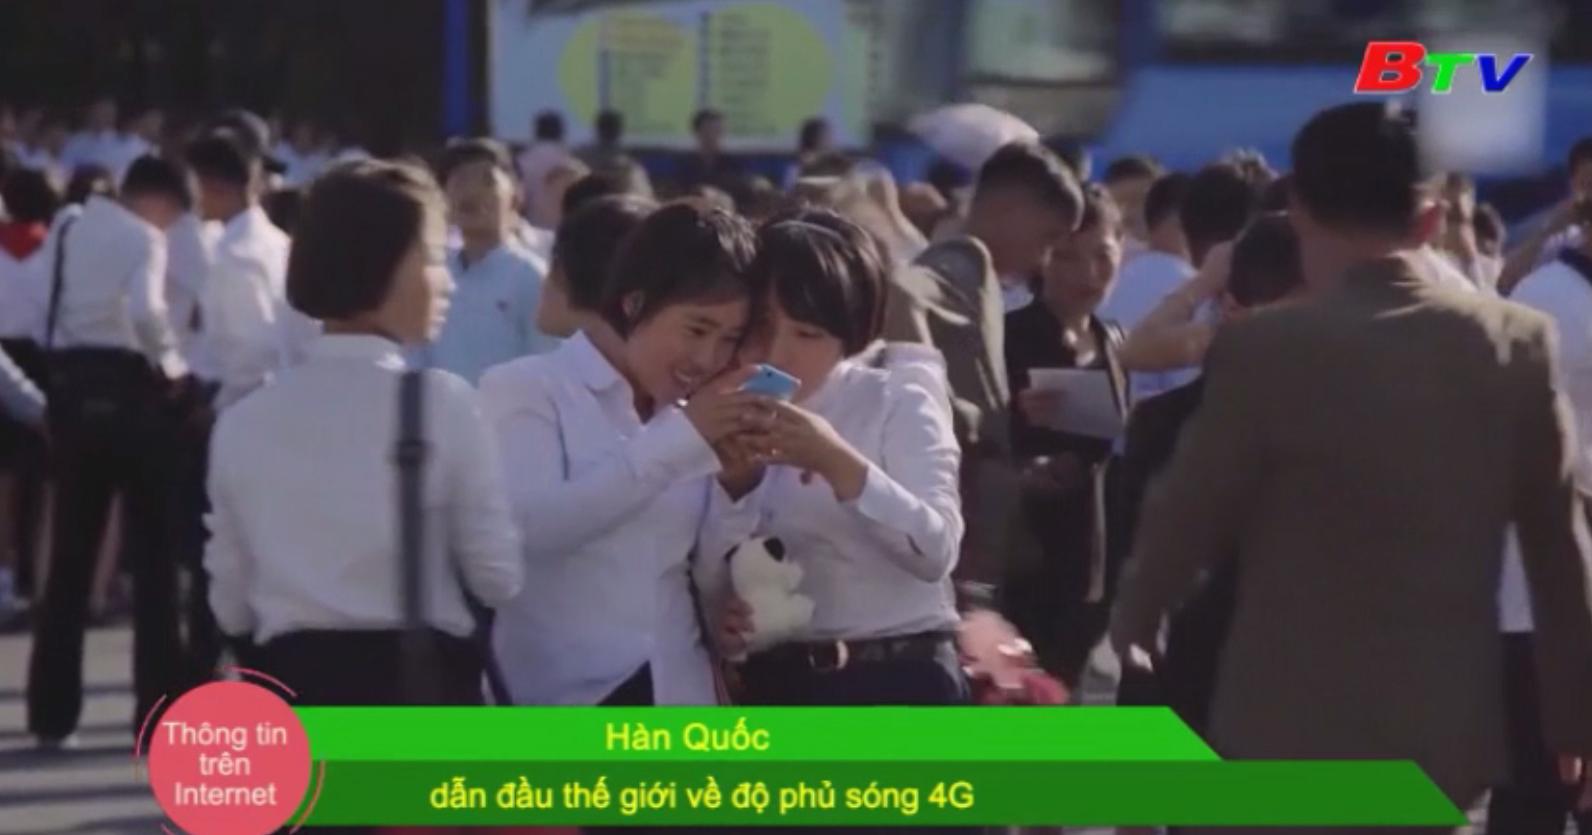 Hàn Quốc dẫn đầu thế giới về độ phủ sóng 4G